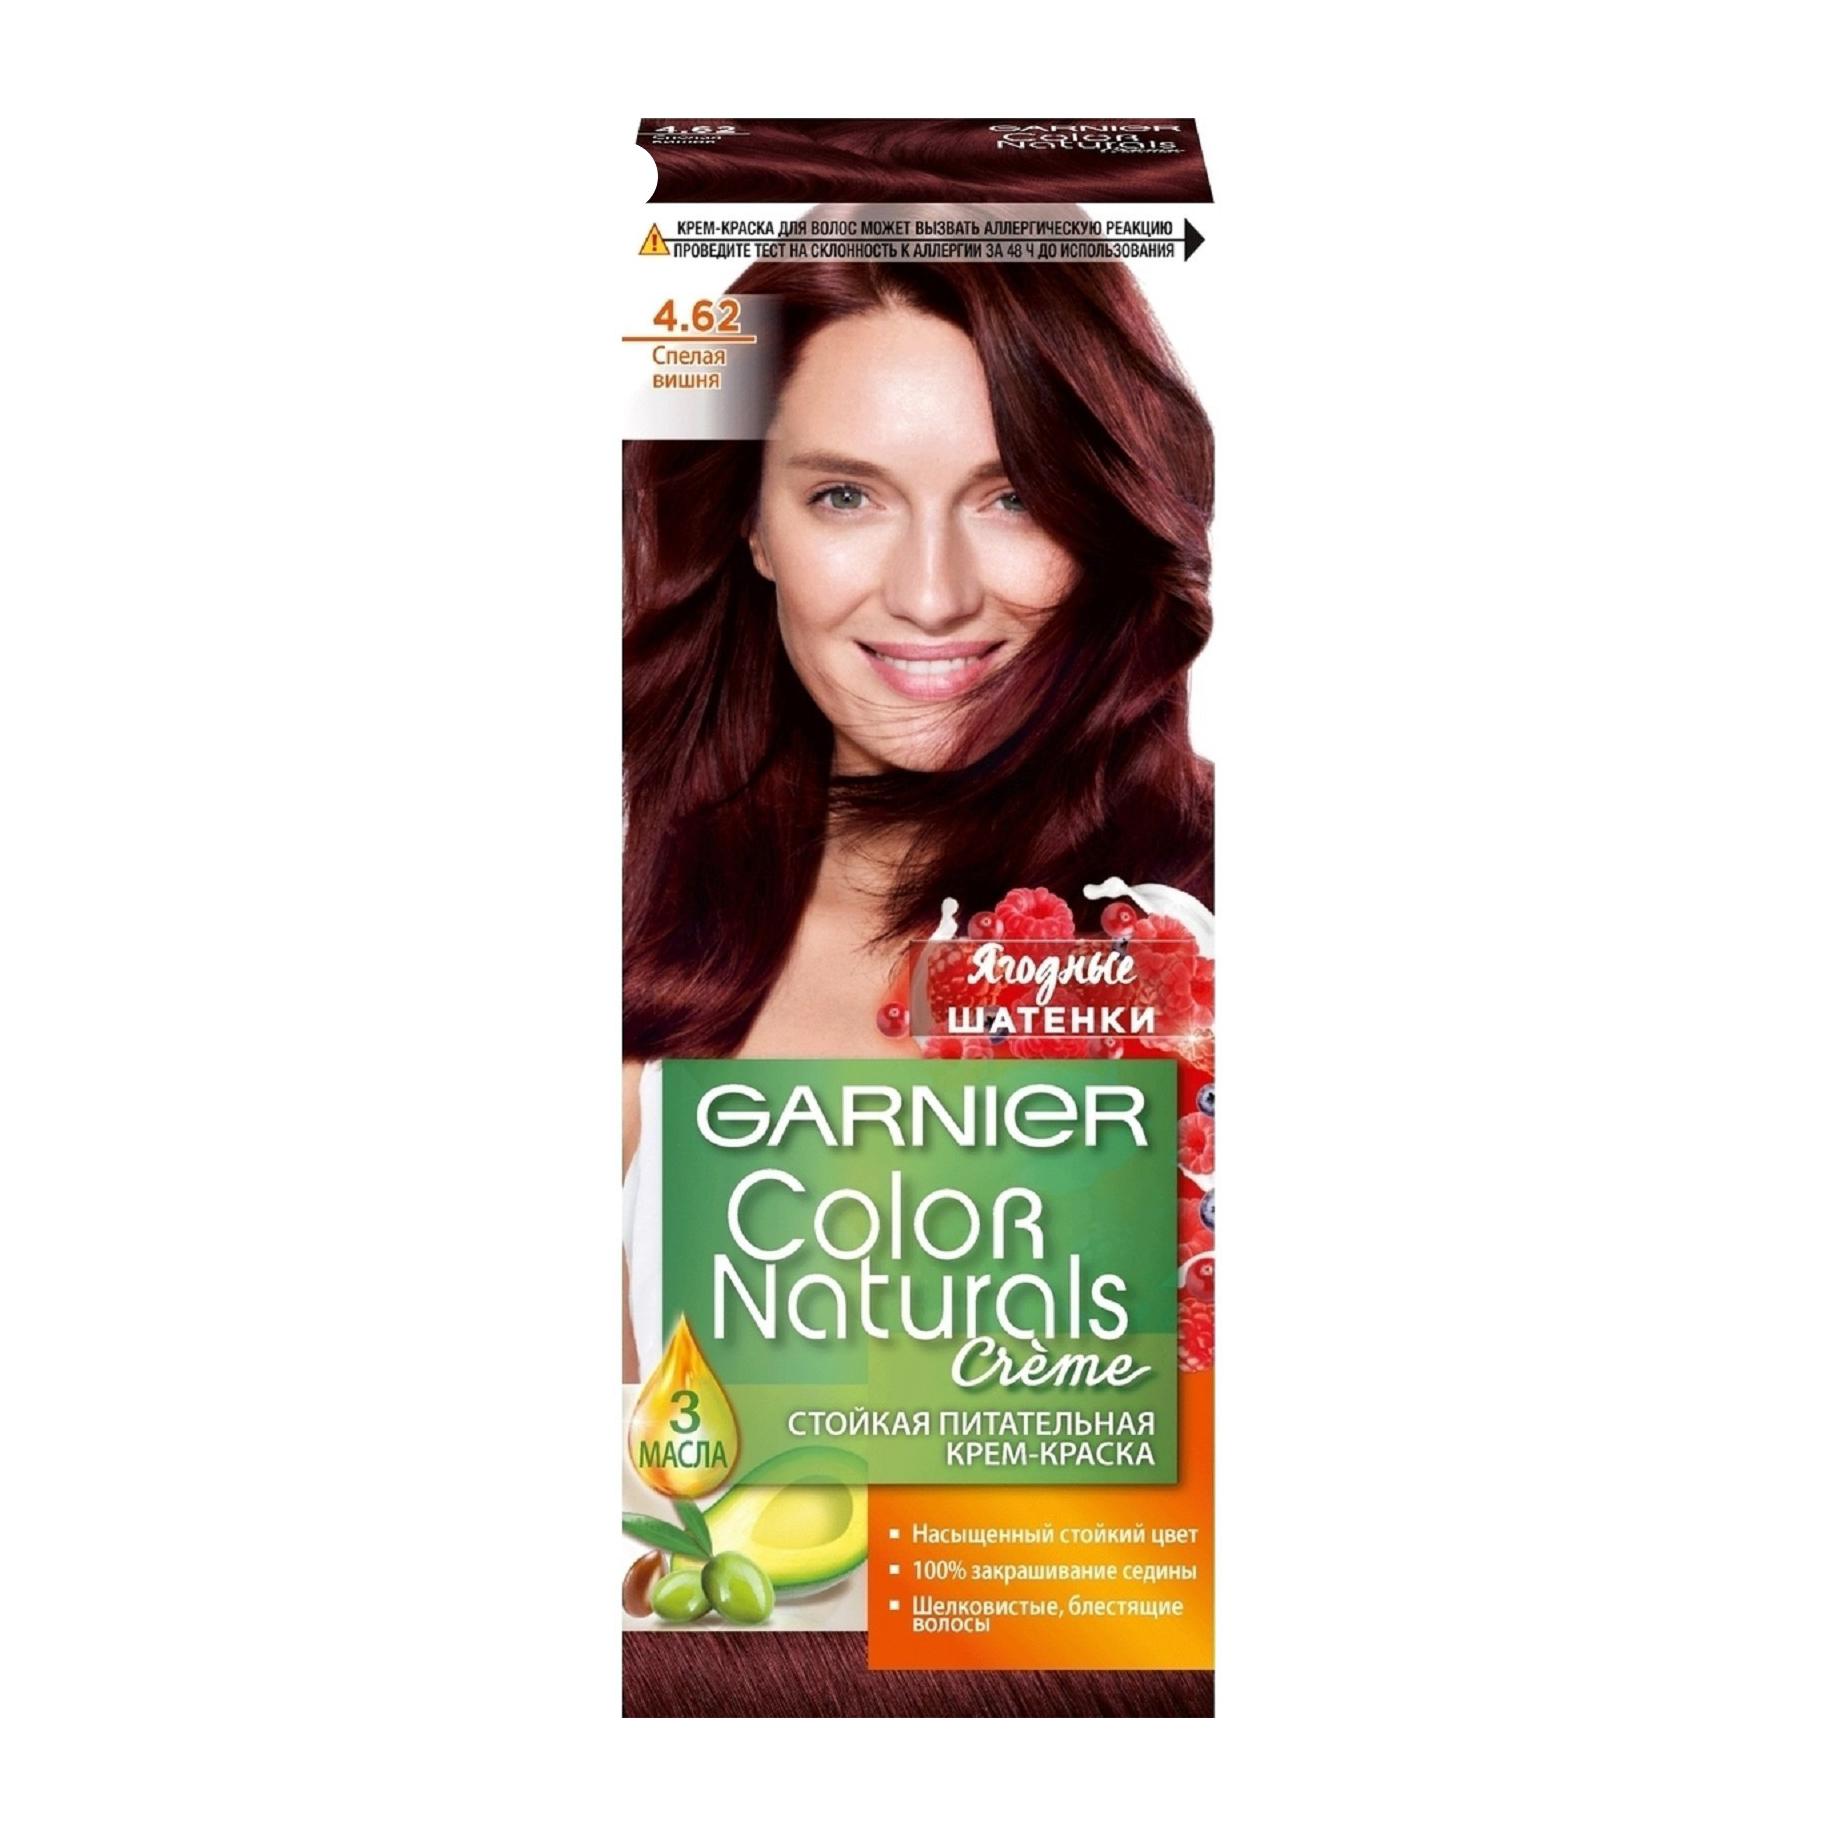 Стойкая крем-краска Garnier Color Naturals с 3 маслами 4.62 Спелая Вишня (C6199801) недорого